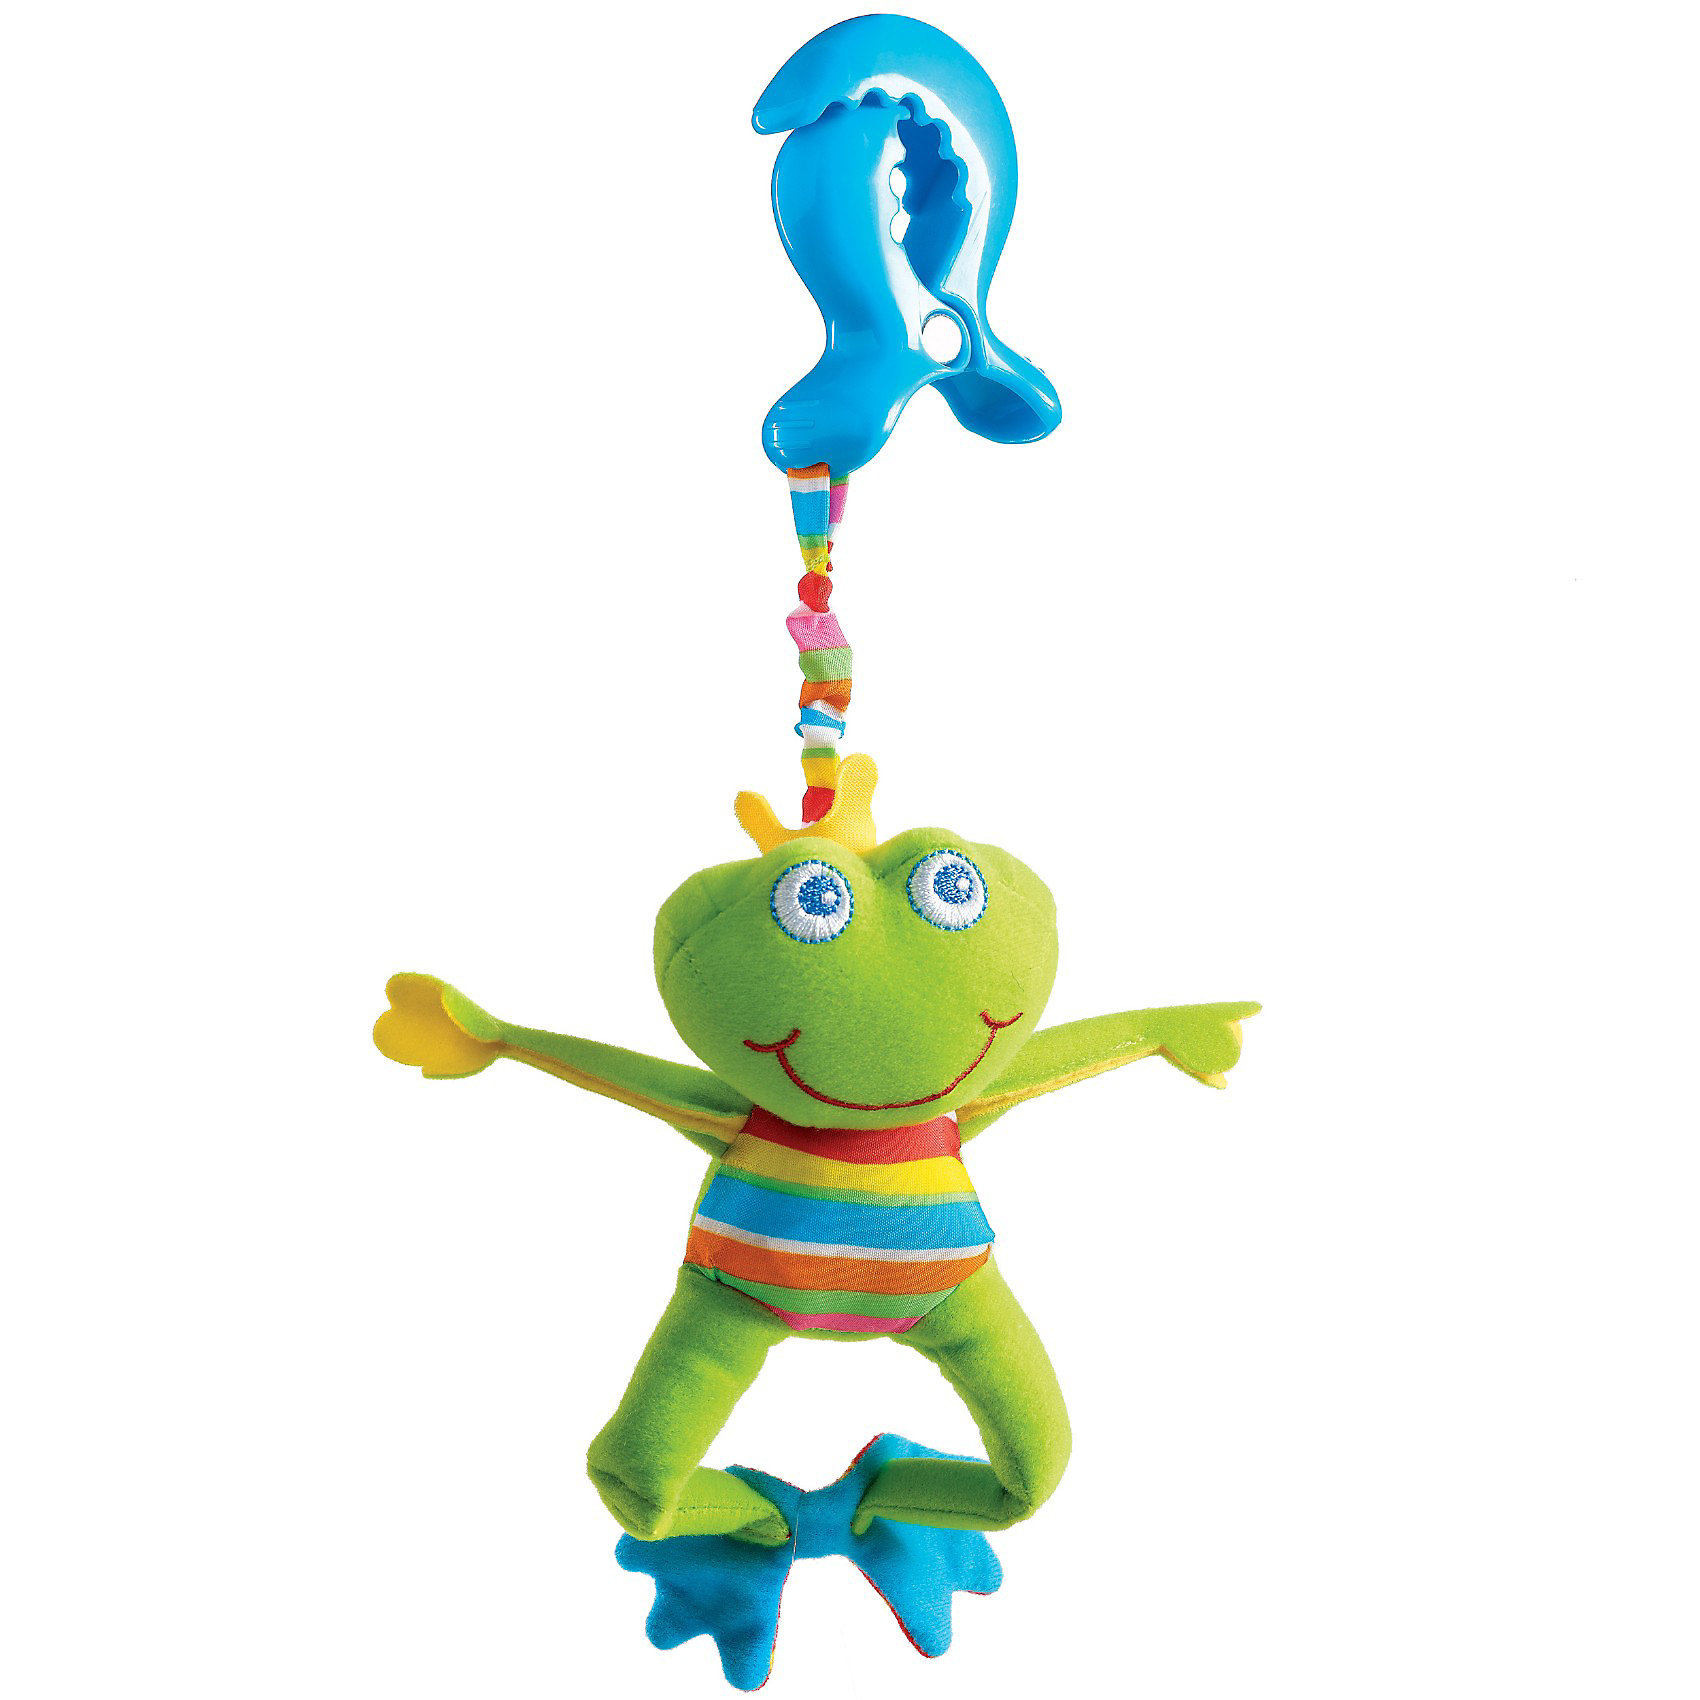 Развивающая игрушка Лягушонок Френки, Tiny LoveИгрушки для малышей<br>Красивая и мягкая подвесная игрушка, с шуршащими элементами и вибрирующим эффектом при растягивании. <br>Если игрушку потрясти — раздастся характерный для погремушки звук. <br><br>Благодаря надежному и удобному креплению краб игрушку можно закрепить на коляске, коврике, кроватке или автокресле малыша. <br><br>Дополнительная информация:<br><br>Размер игрушки (без клипсы): 13*14*17 см.<br>Размер упаковки: 13x10x16,5 см.<br><br>Развивающую игрушку Лягушонок Френки, Tiny Love (Тини Лав) можно купить в нашем интернет - магазине.<br><br>Ширина мм: 60<br>Глубина мм: 130<br>Высота мм: 350<br>Вес г: 107<br>Возраст от месяцев: 0<br>Возраст до месяцев: 24<br>Пол: Унисекс<br>Возраст: Детский<br>SKU: 3155547